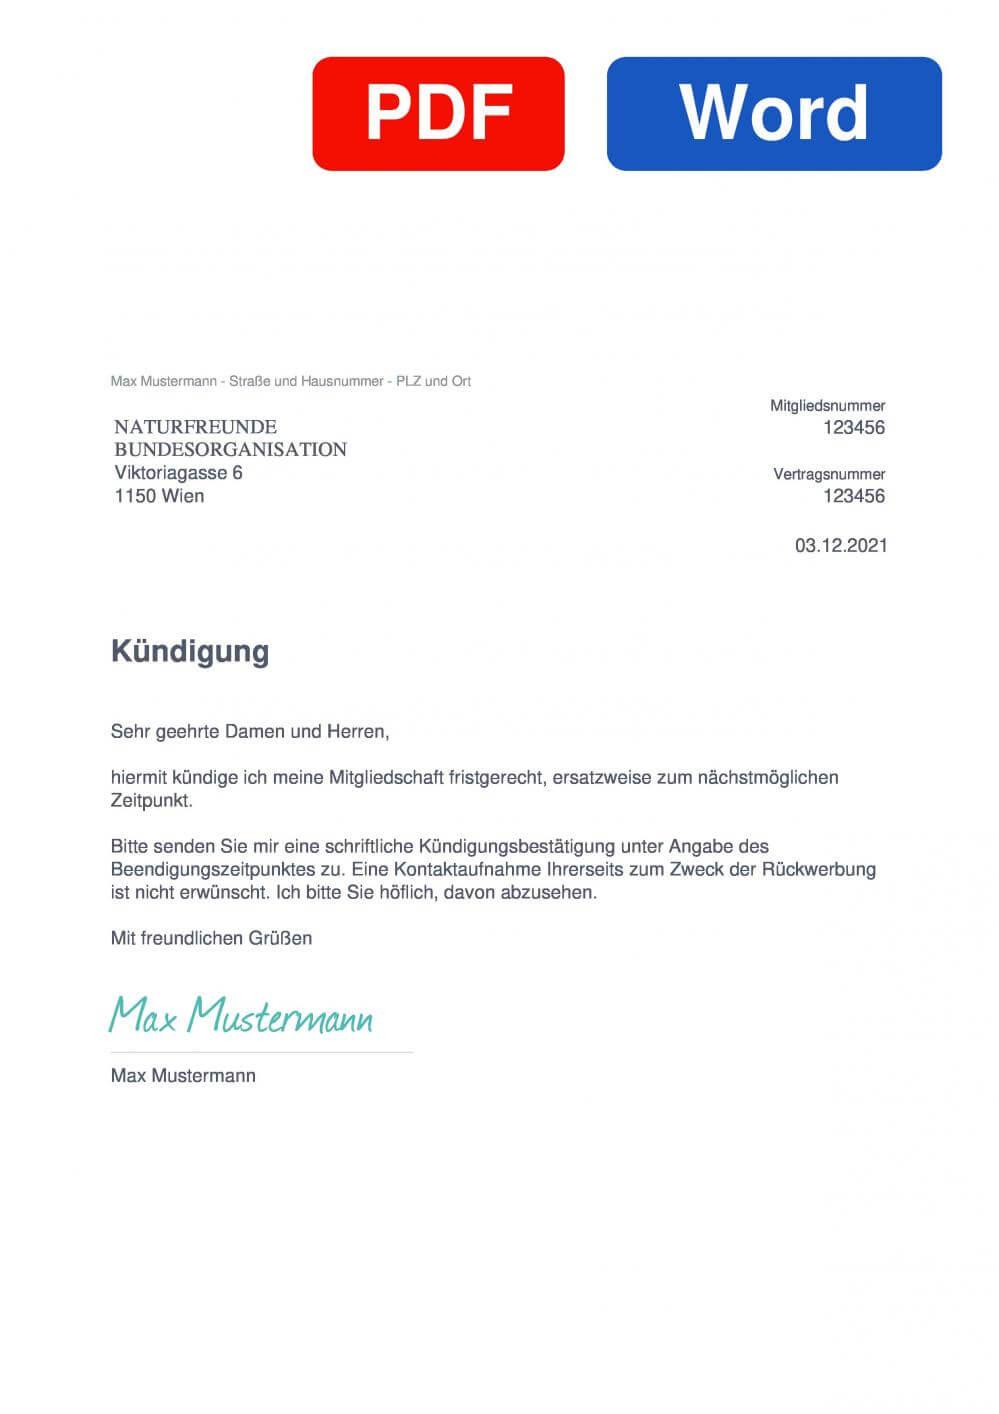 Naturfreunde Österreich Muster Vorlage für Kündigungsschreiben